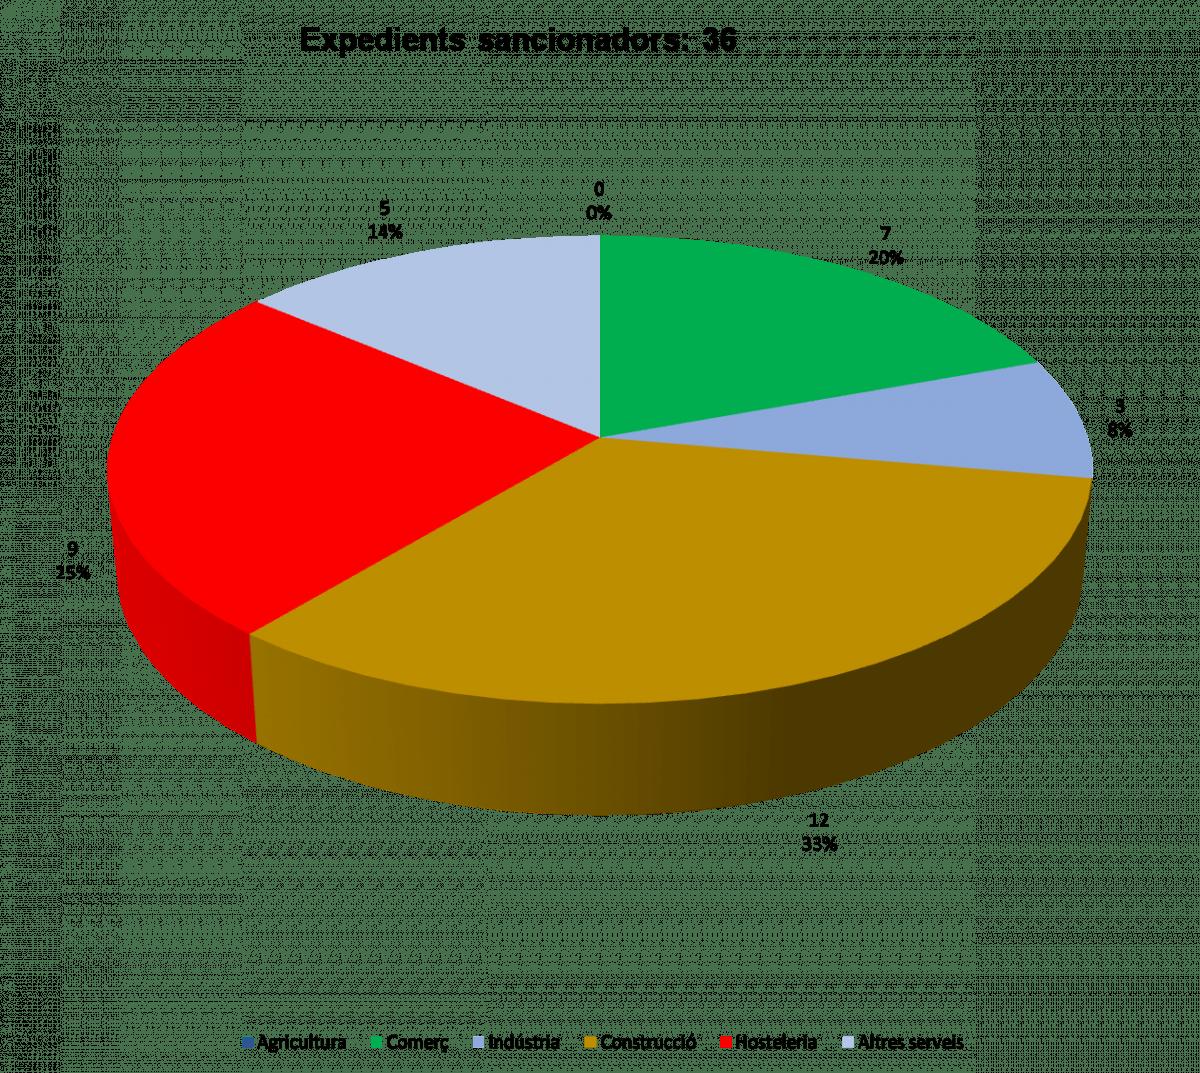 El primer semestre hi va haver un total de 36 expedients sancionadors.